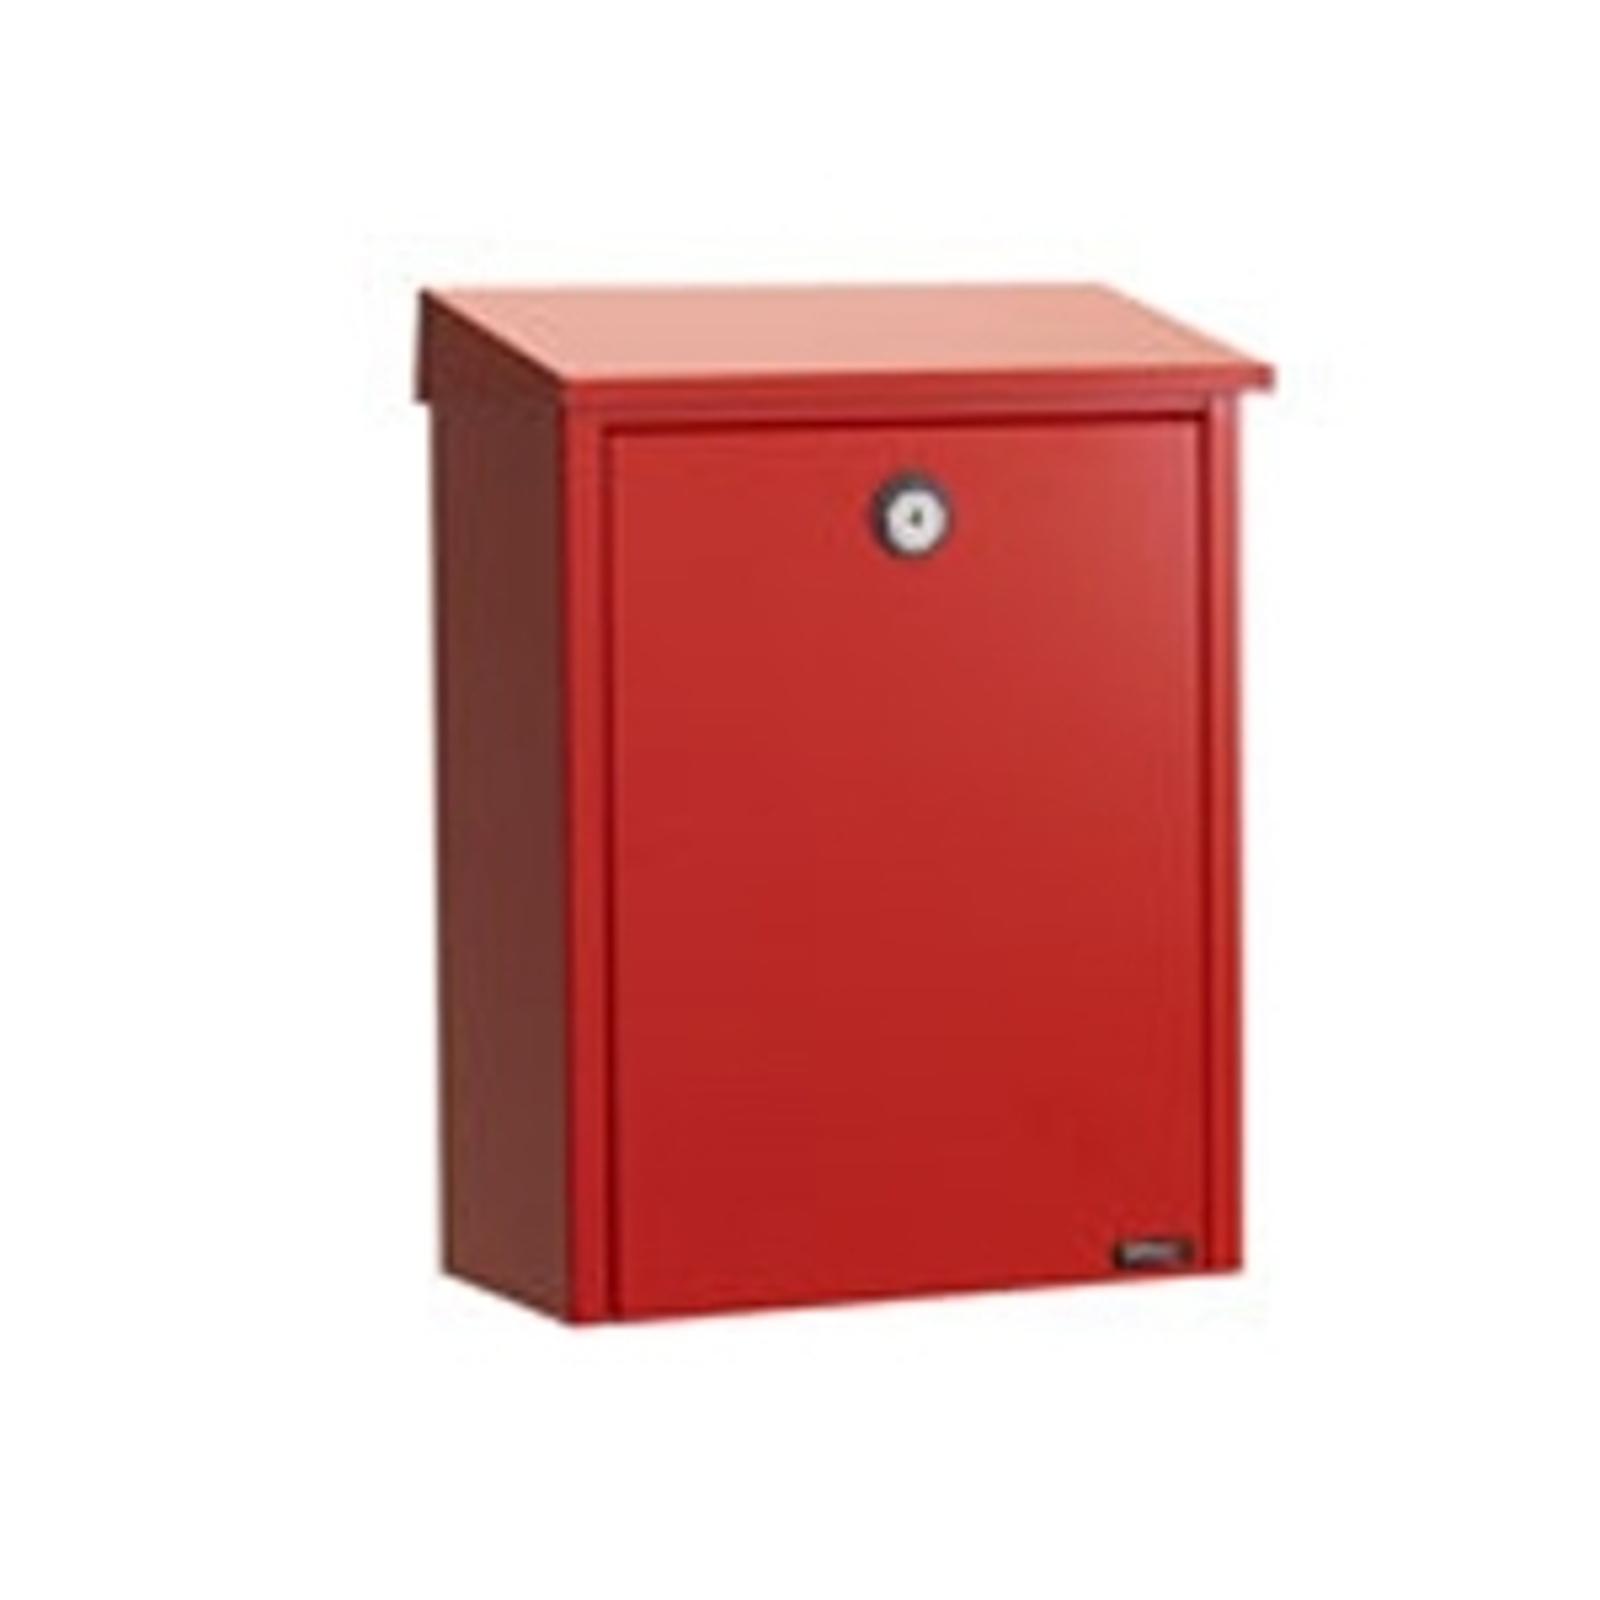 Pelkistetty teräksinen postilaatikko, punainen